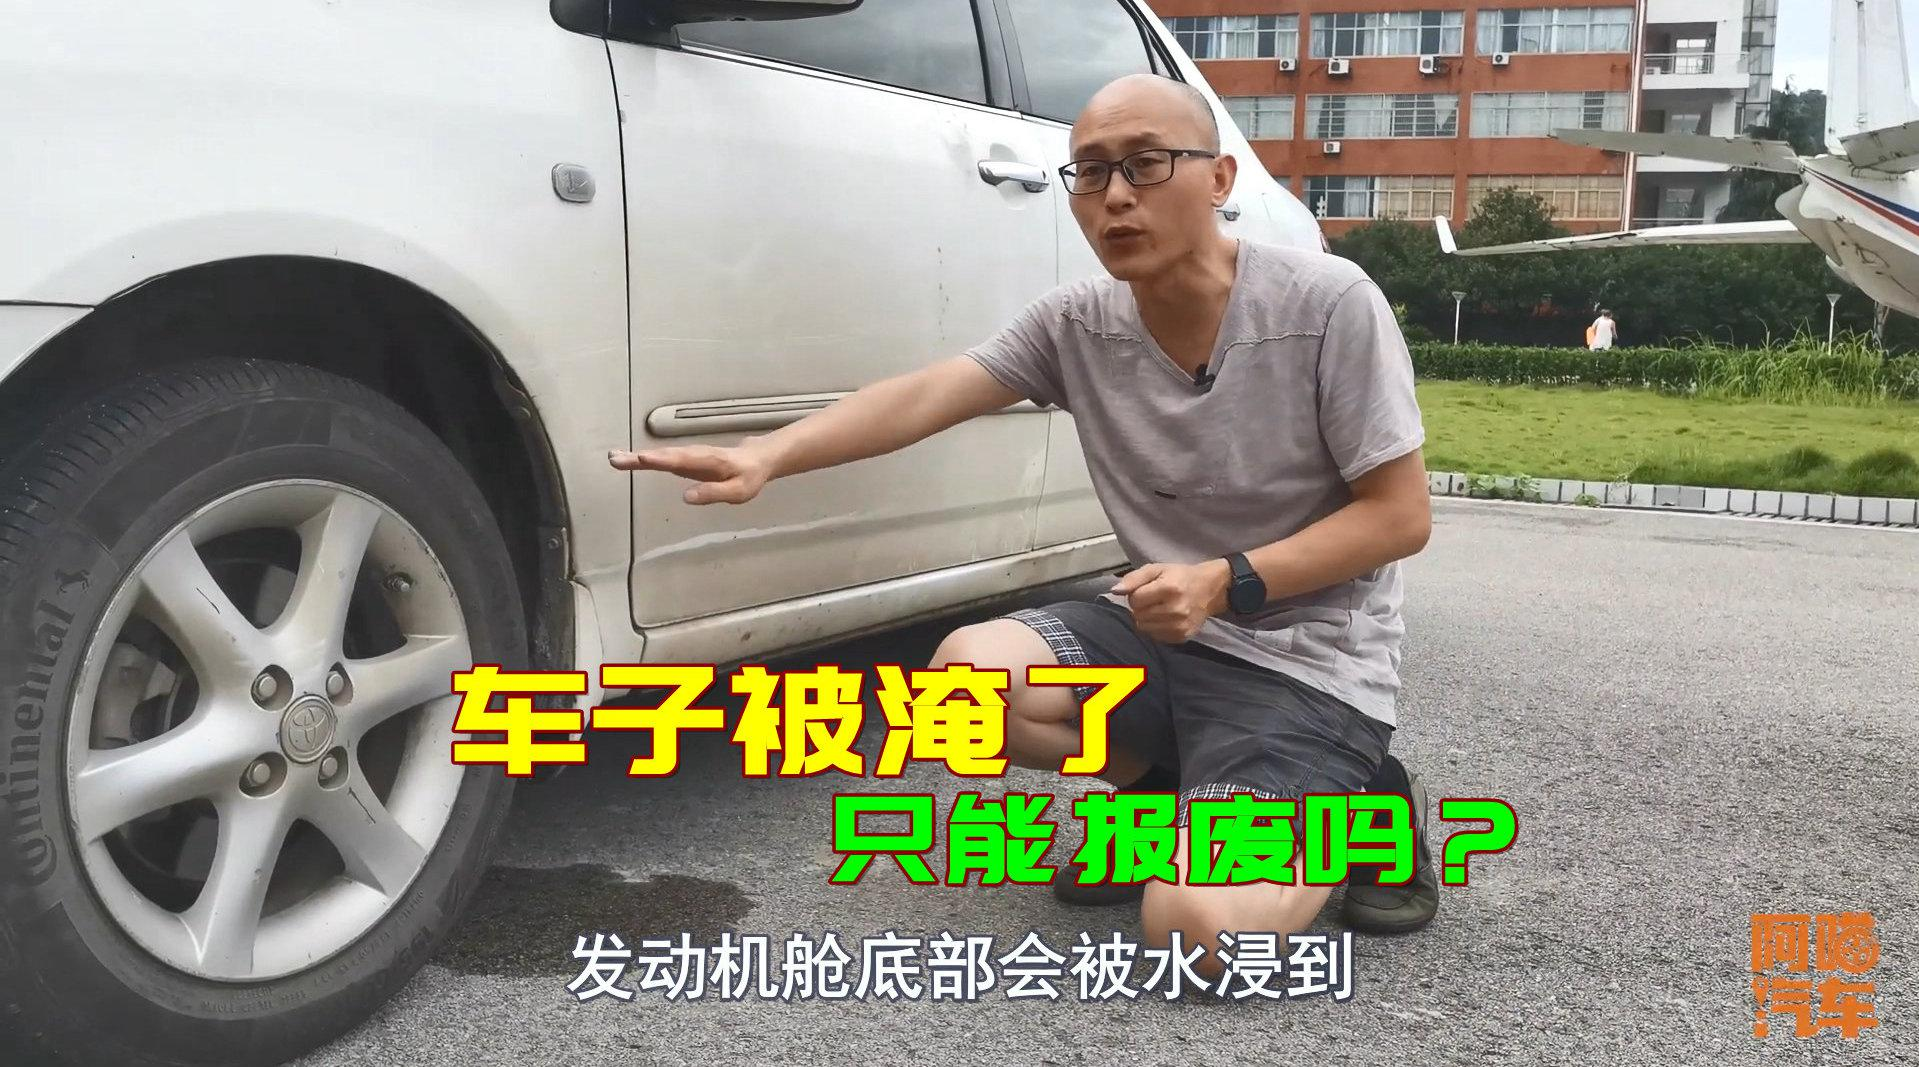 车子被淹了只能报废吗?手把手教你自己判断,别被二手车商给坑了